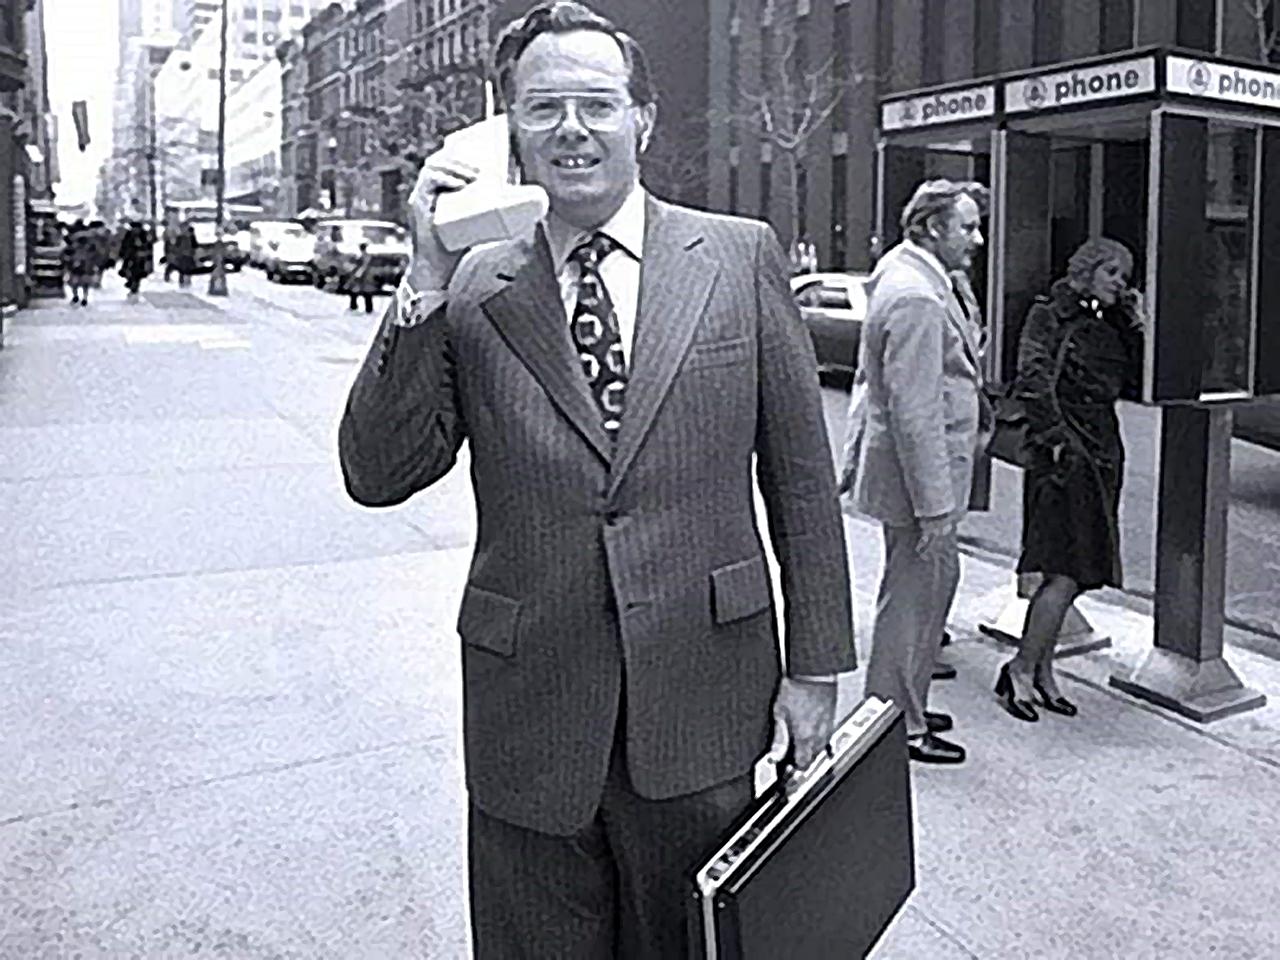 Martin Cooper inventor del telefono celular